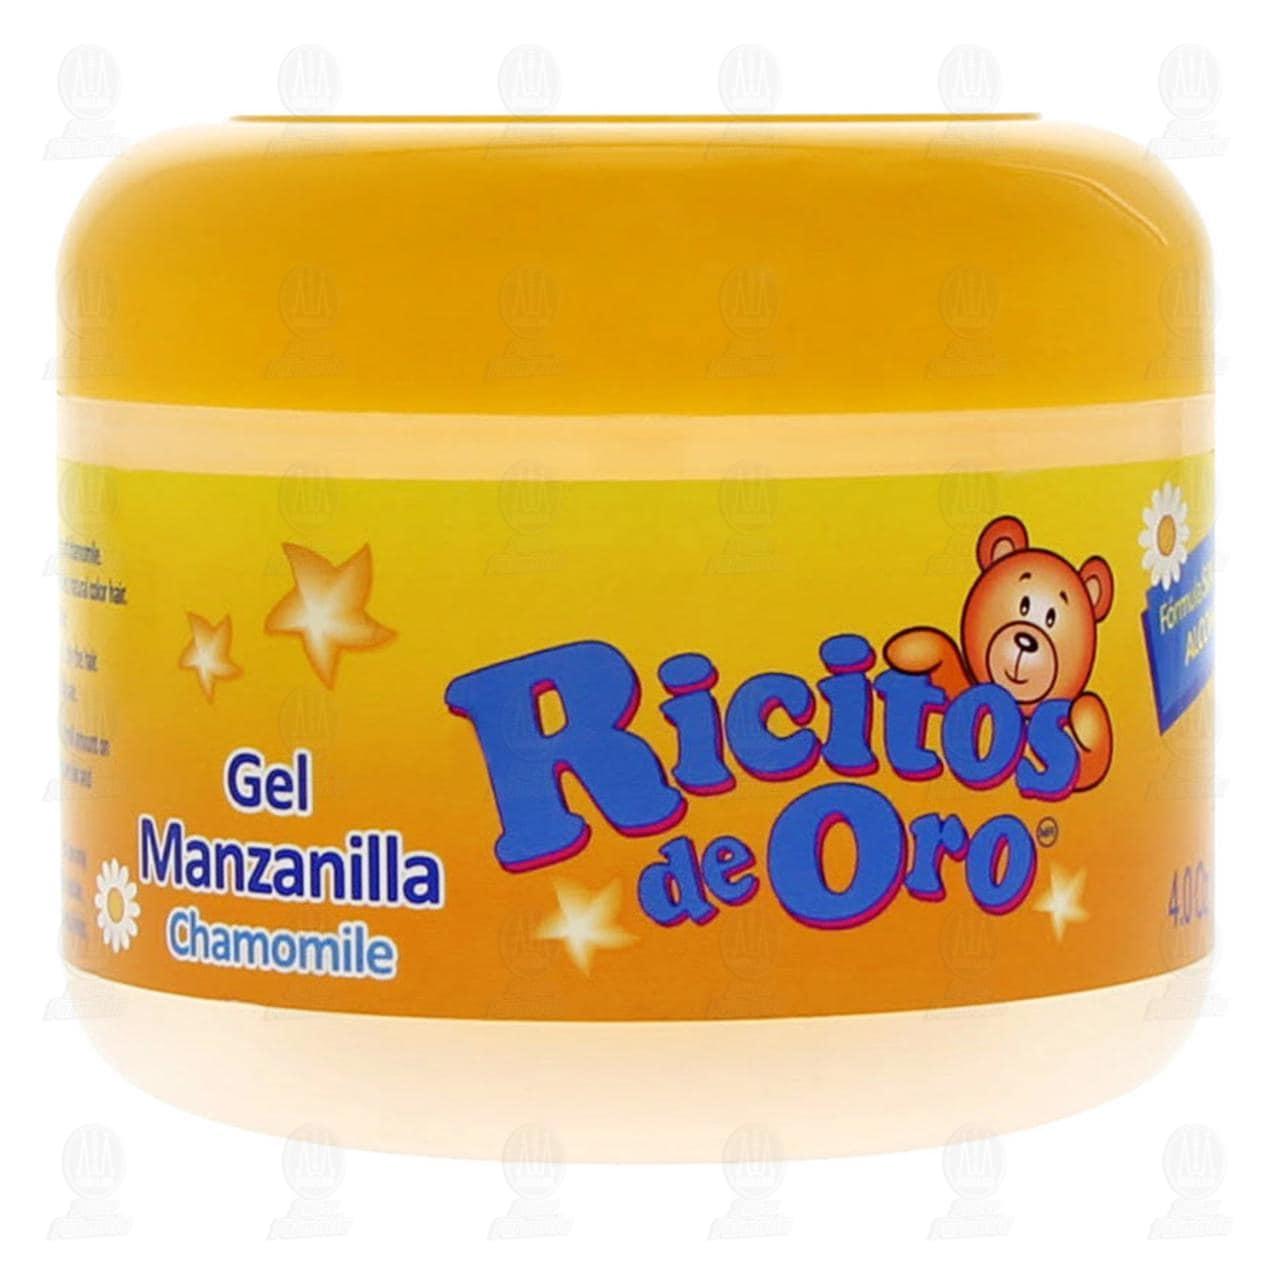 comprar https://www.movil.farmaciasguadalajara.com/wcsstore/FGCAS/wcs/products/1153994_A_1280_AL.jpg en farmacias guadalajara